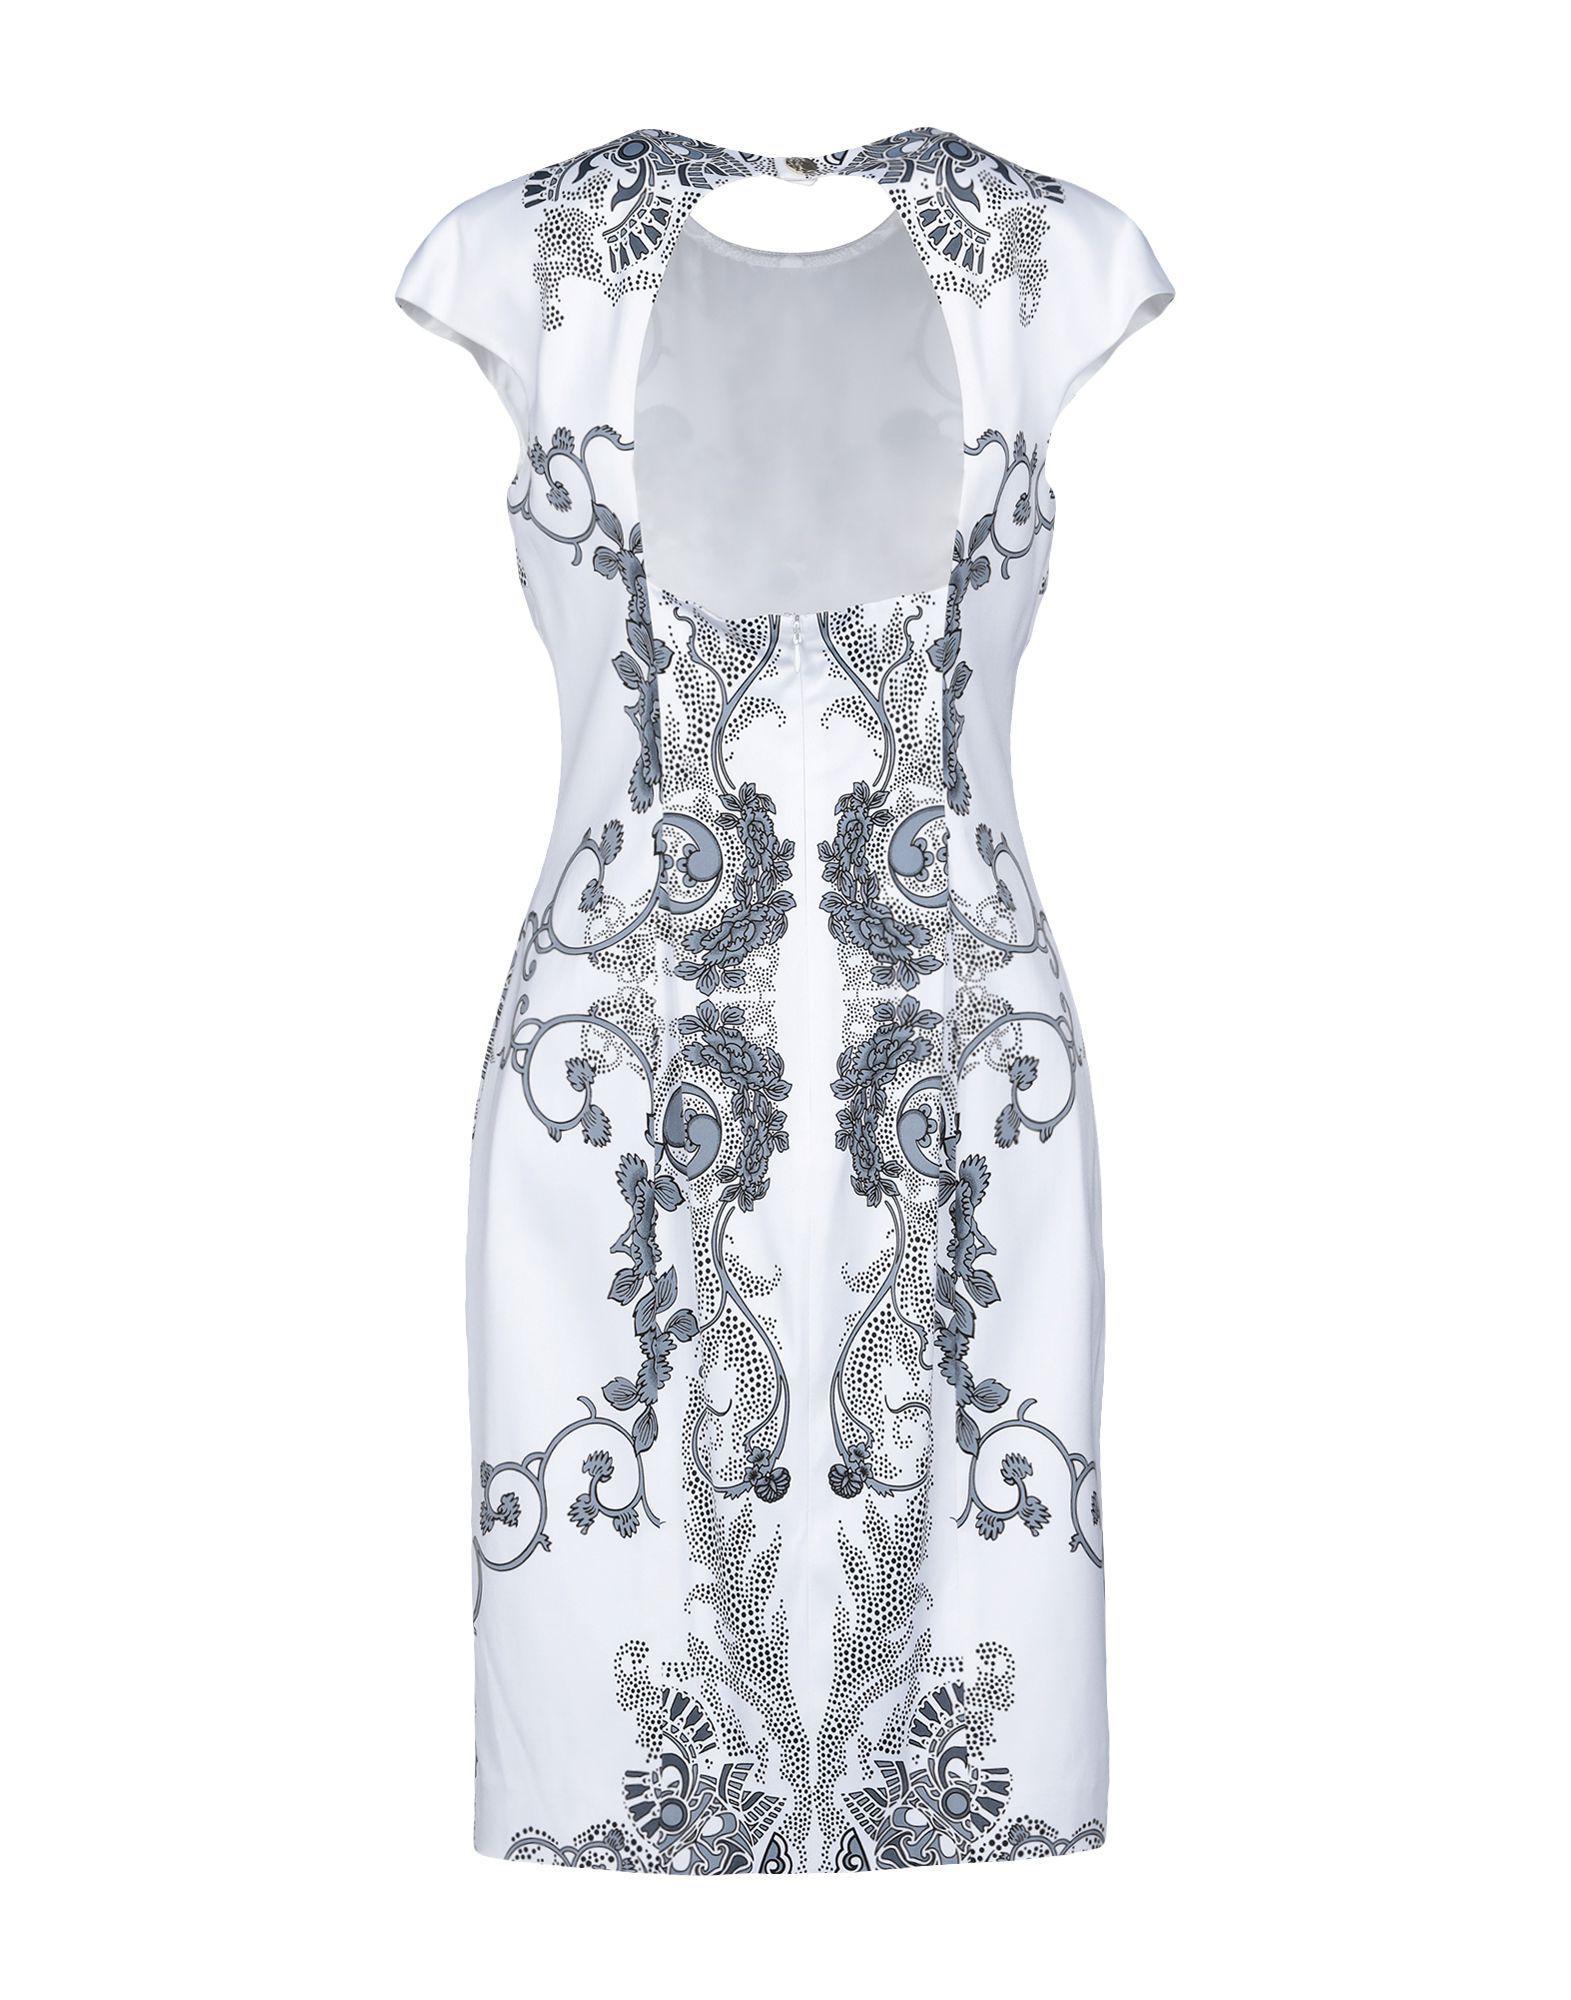 d61f9e076e8 Versace Knee-length Dress in White - Lyst